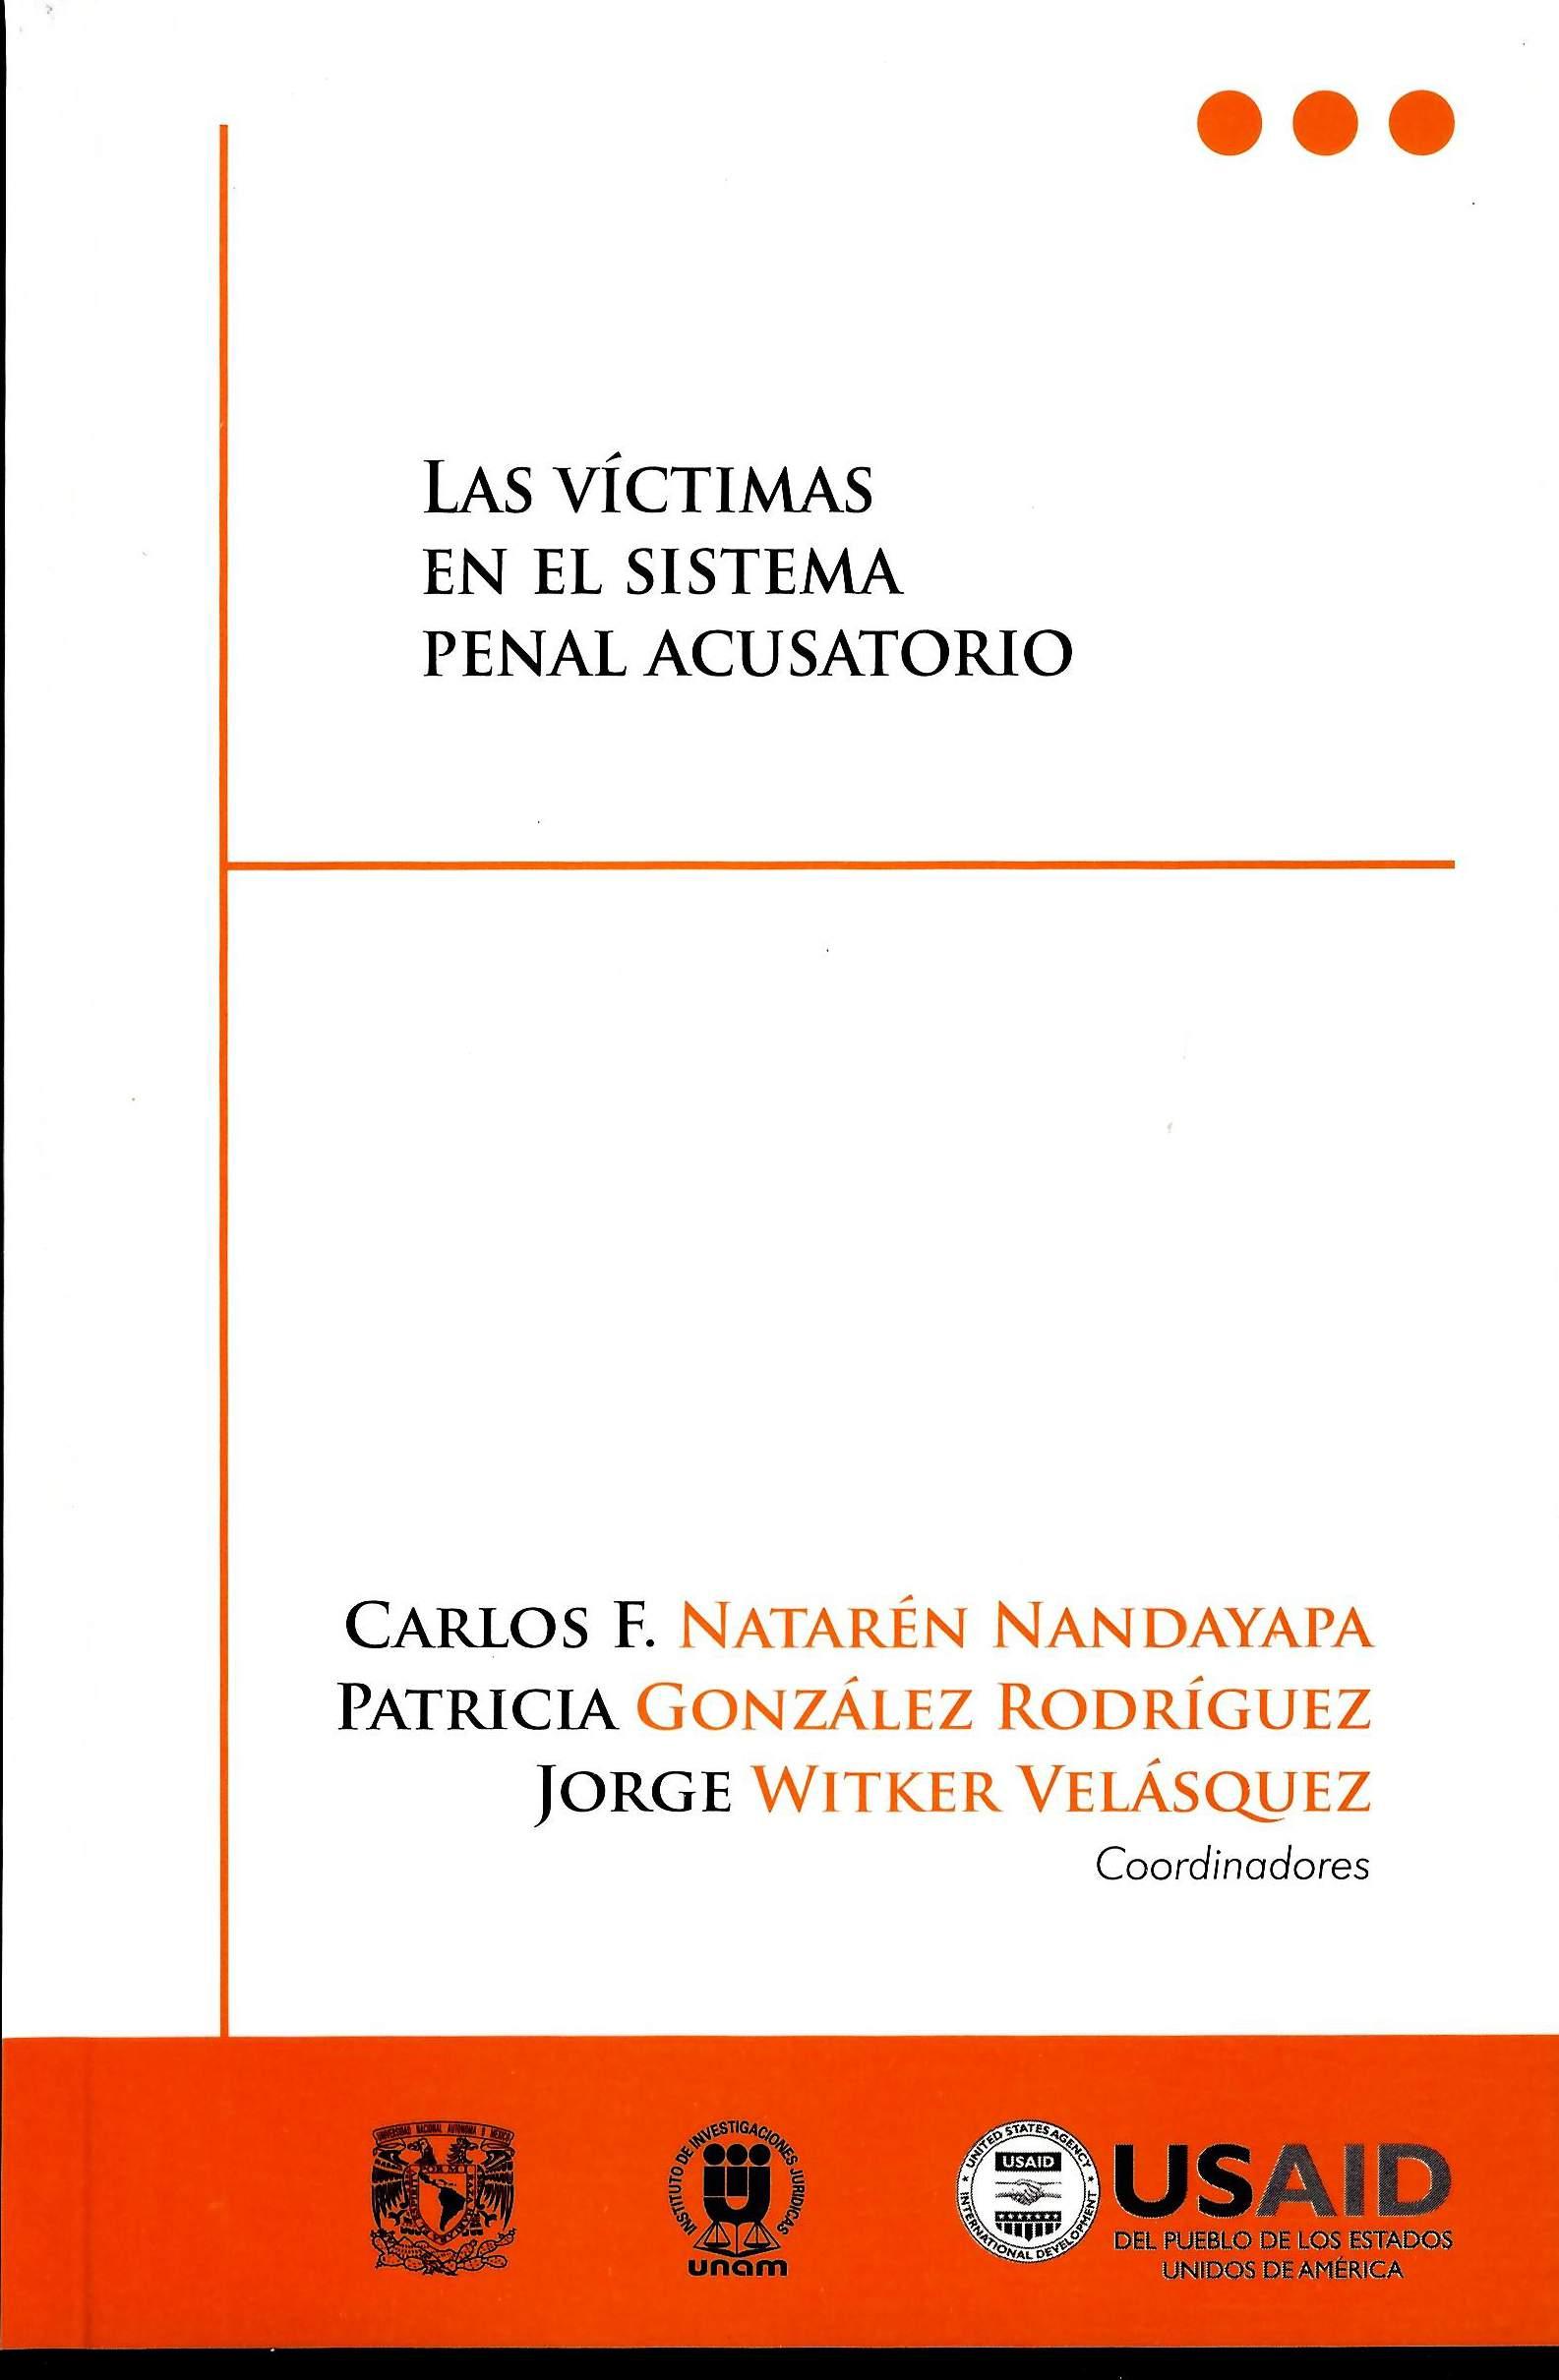 Las víctimas en el sistema penal acusatorio